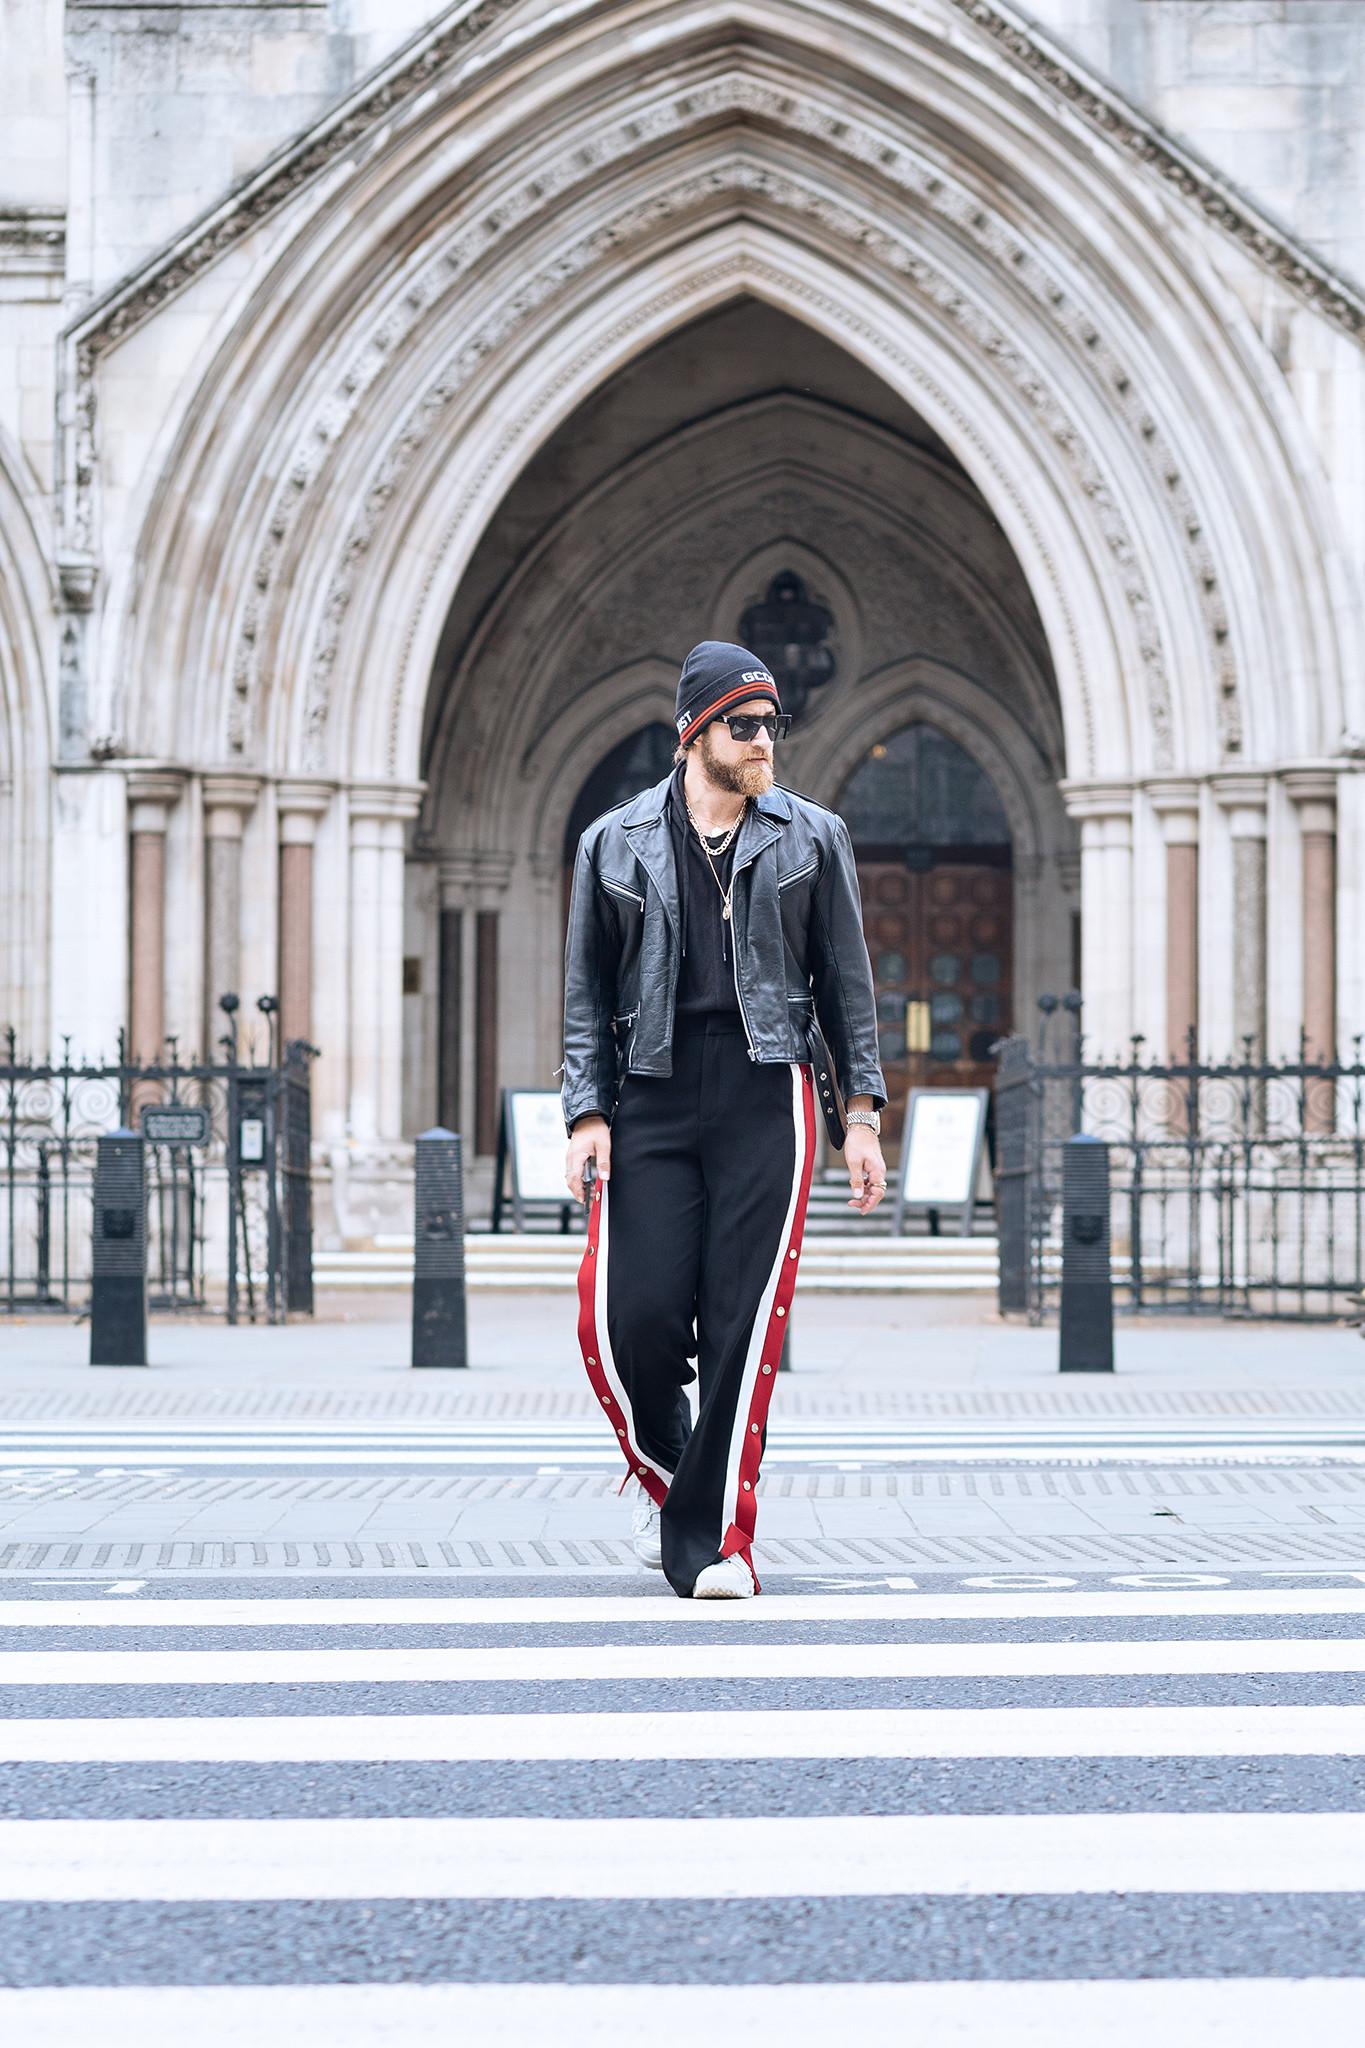 London Fashion Week by Diana Novikova/Splento